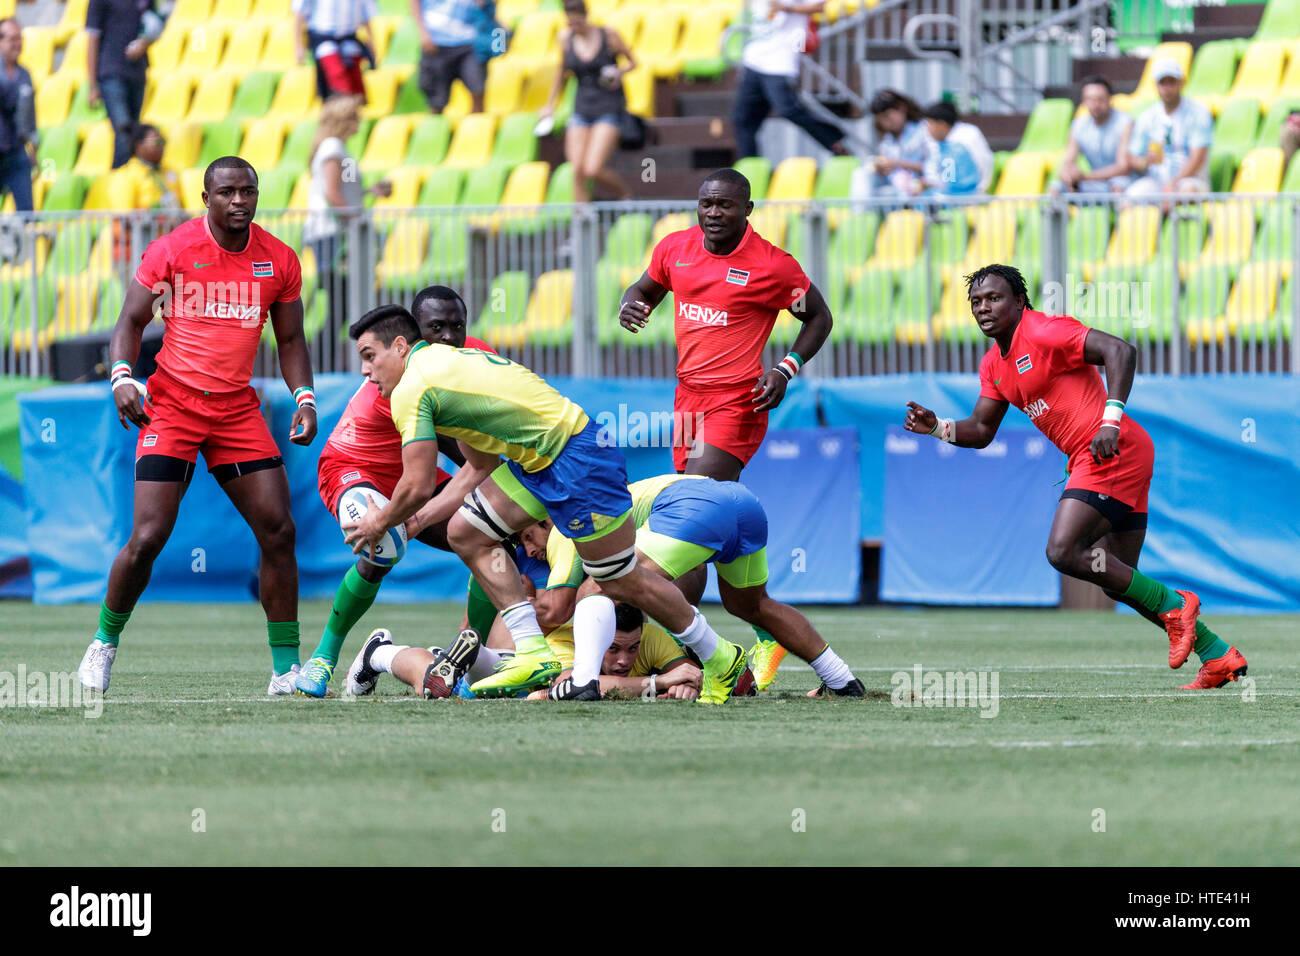 Rio de Janeiro, Brésil. 11 août 2016 Felipe Sancery (BRA) participe à la Men's Rugby à 7 Photo Stock